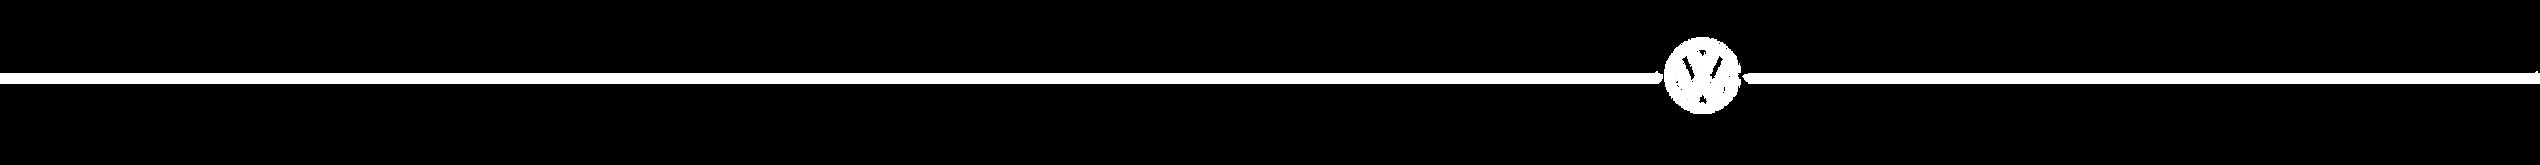 header logo VW blanc 3.png